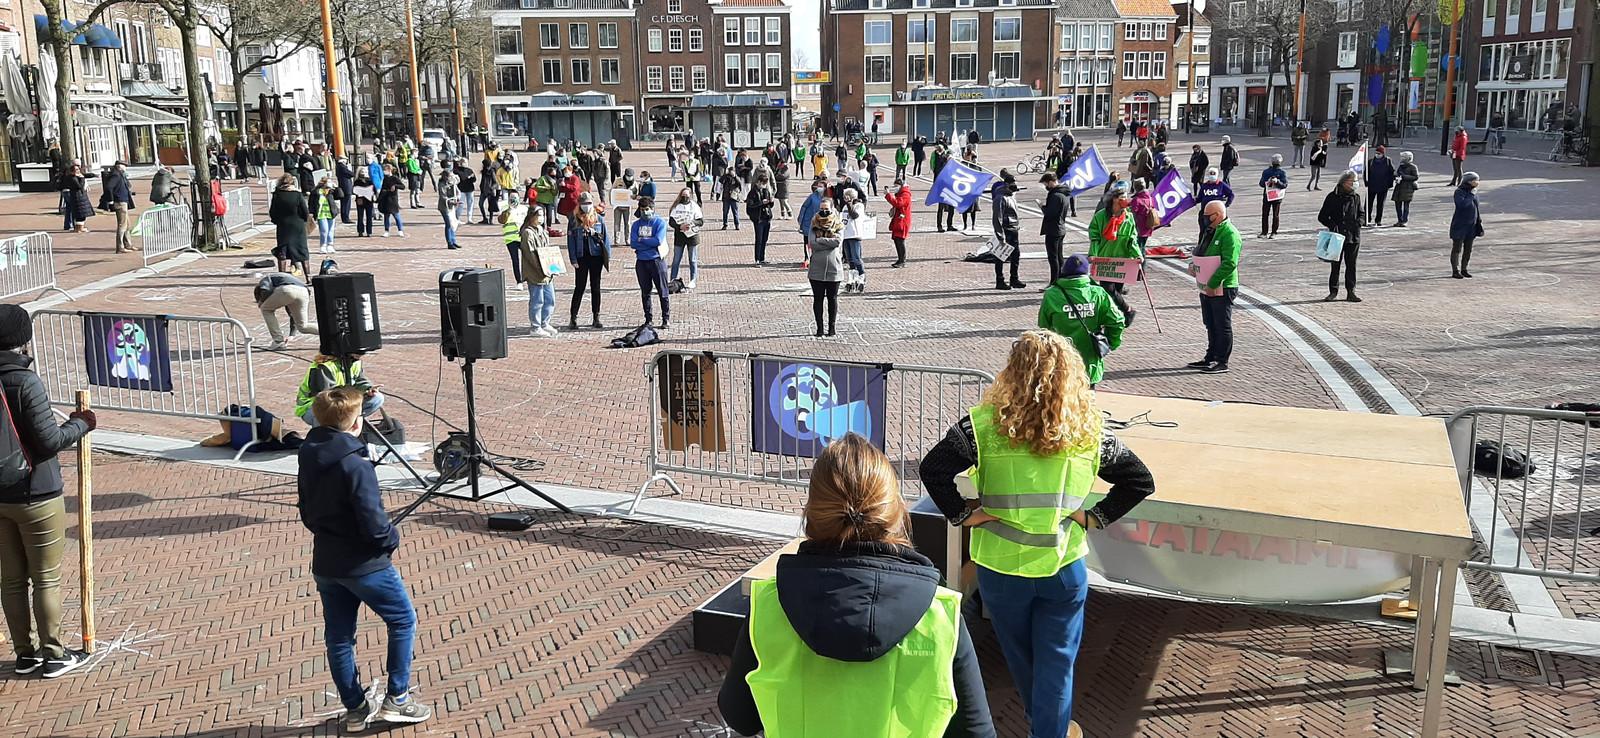 Deelnemers aan de klimaatalarm-demonstratie in Middelburg staan in cirkels om coronabesmettingen te voorkomen.